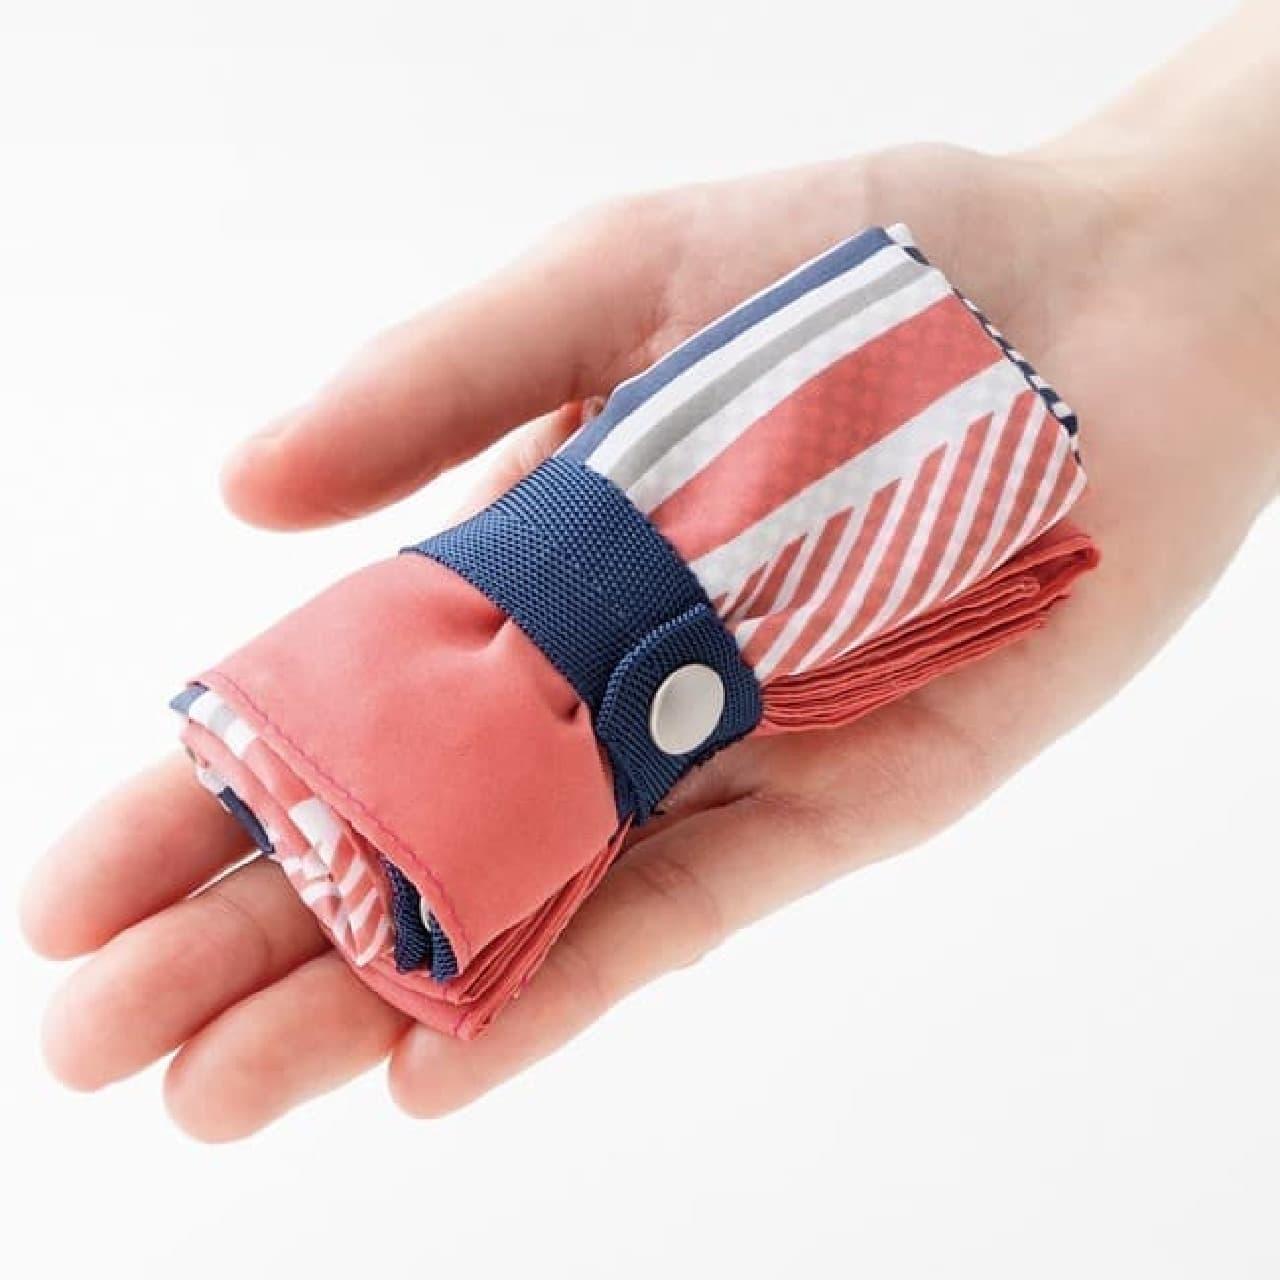 新作はストライプ♪ フェリシモ「スカーフエコバッグ」バッグに結んでおしゃれに